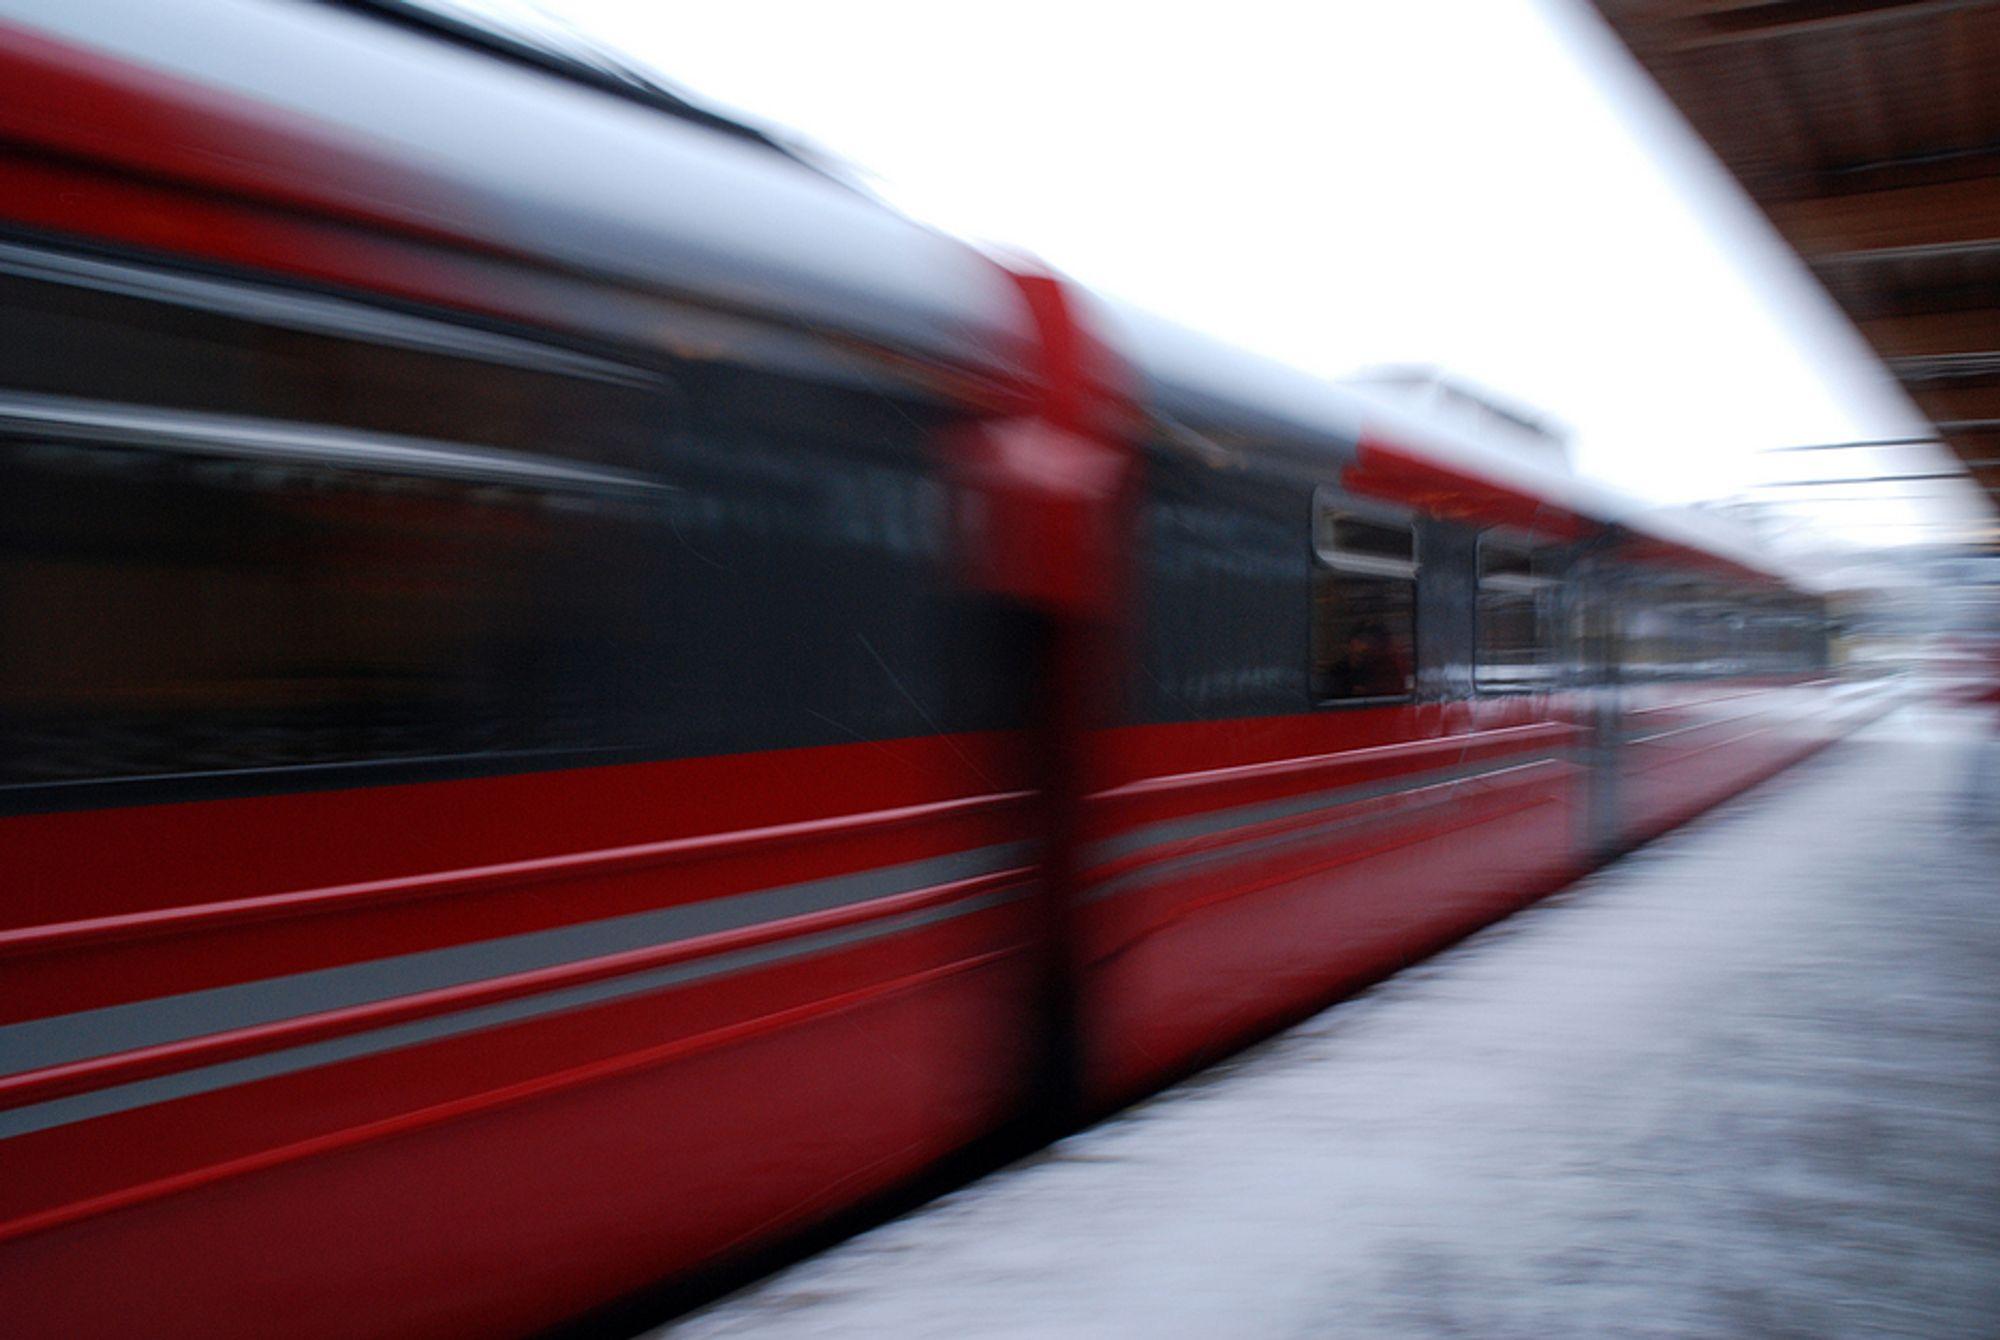 MANGLER PRESTISJE: Jernbaneteknikk og annen infrastruktur er ikke prestisjefylt for unge ingeniørspirer. Men det forklarer bare deler av kompetansemangelen.